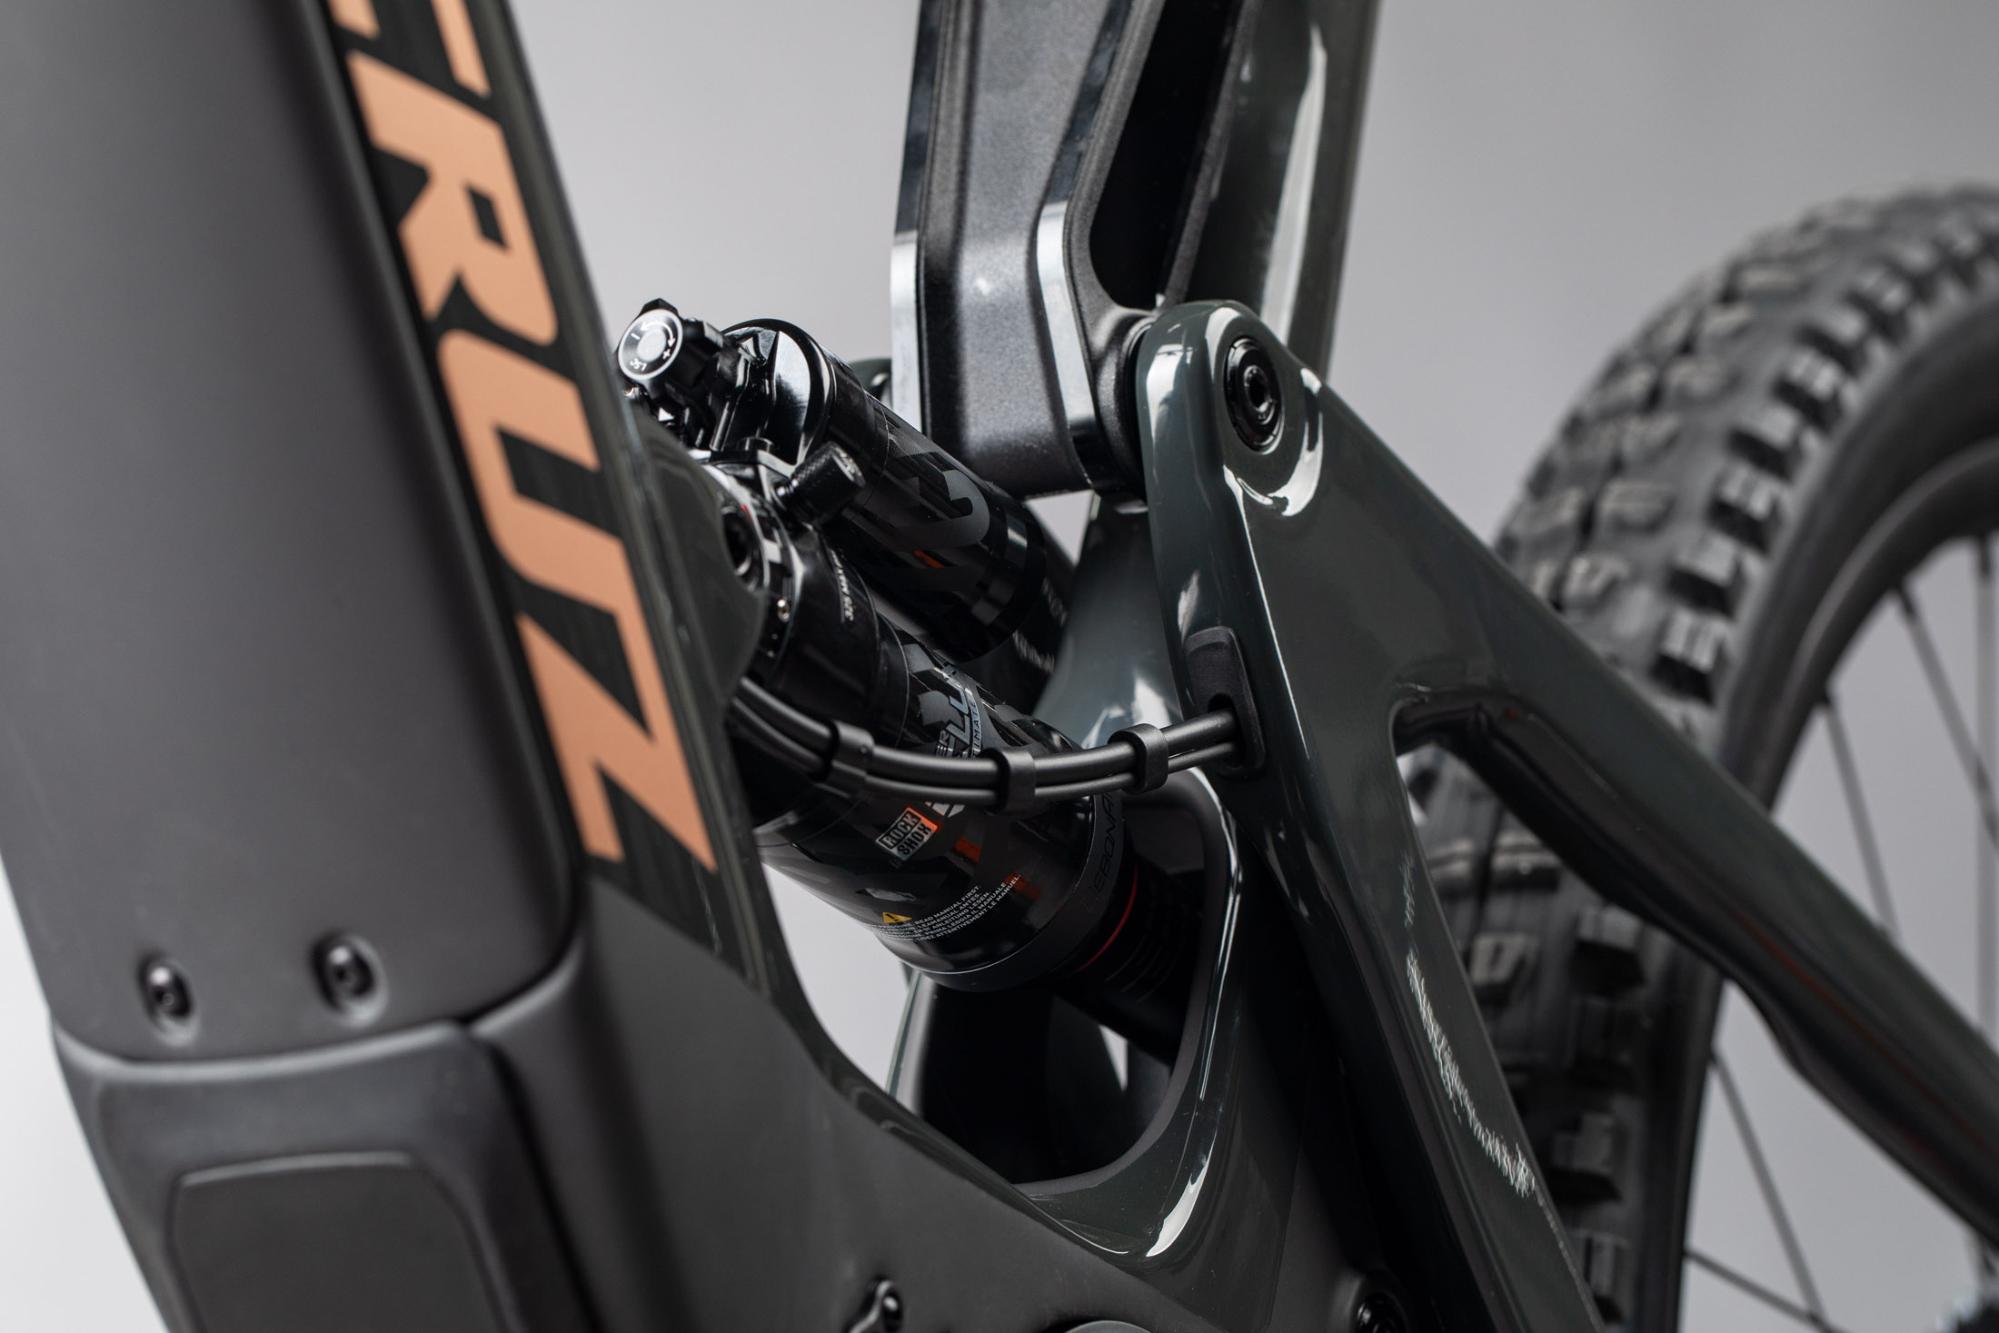 The Santa Cruz Heckler Bike Motor and Battery